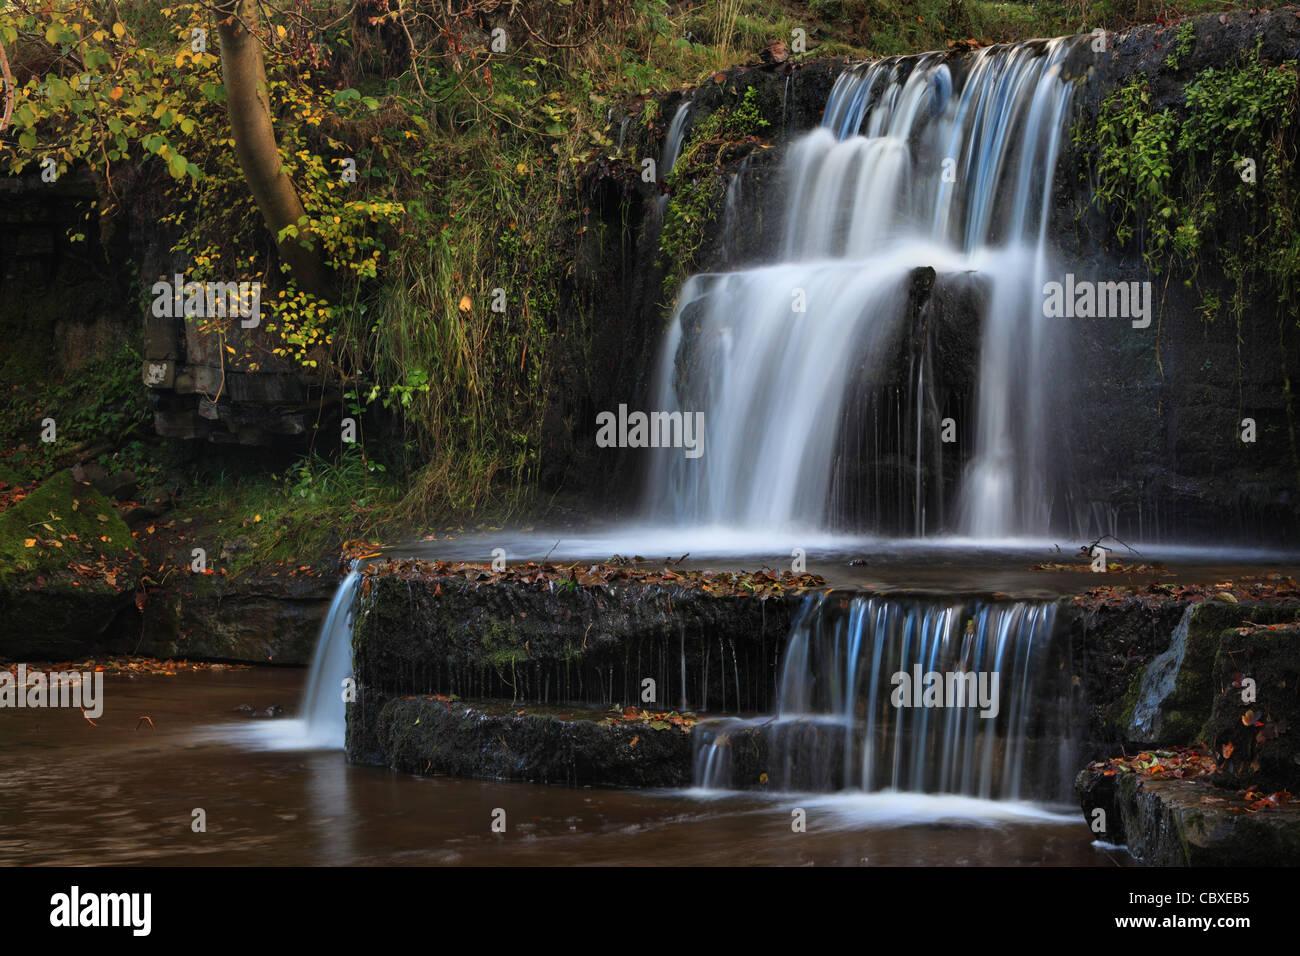 Ein kleiner Wasserfall auf dem Fluss Nidd nahe Lofthouse in Nidderdale, Yorkshire, England Stockbild